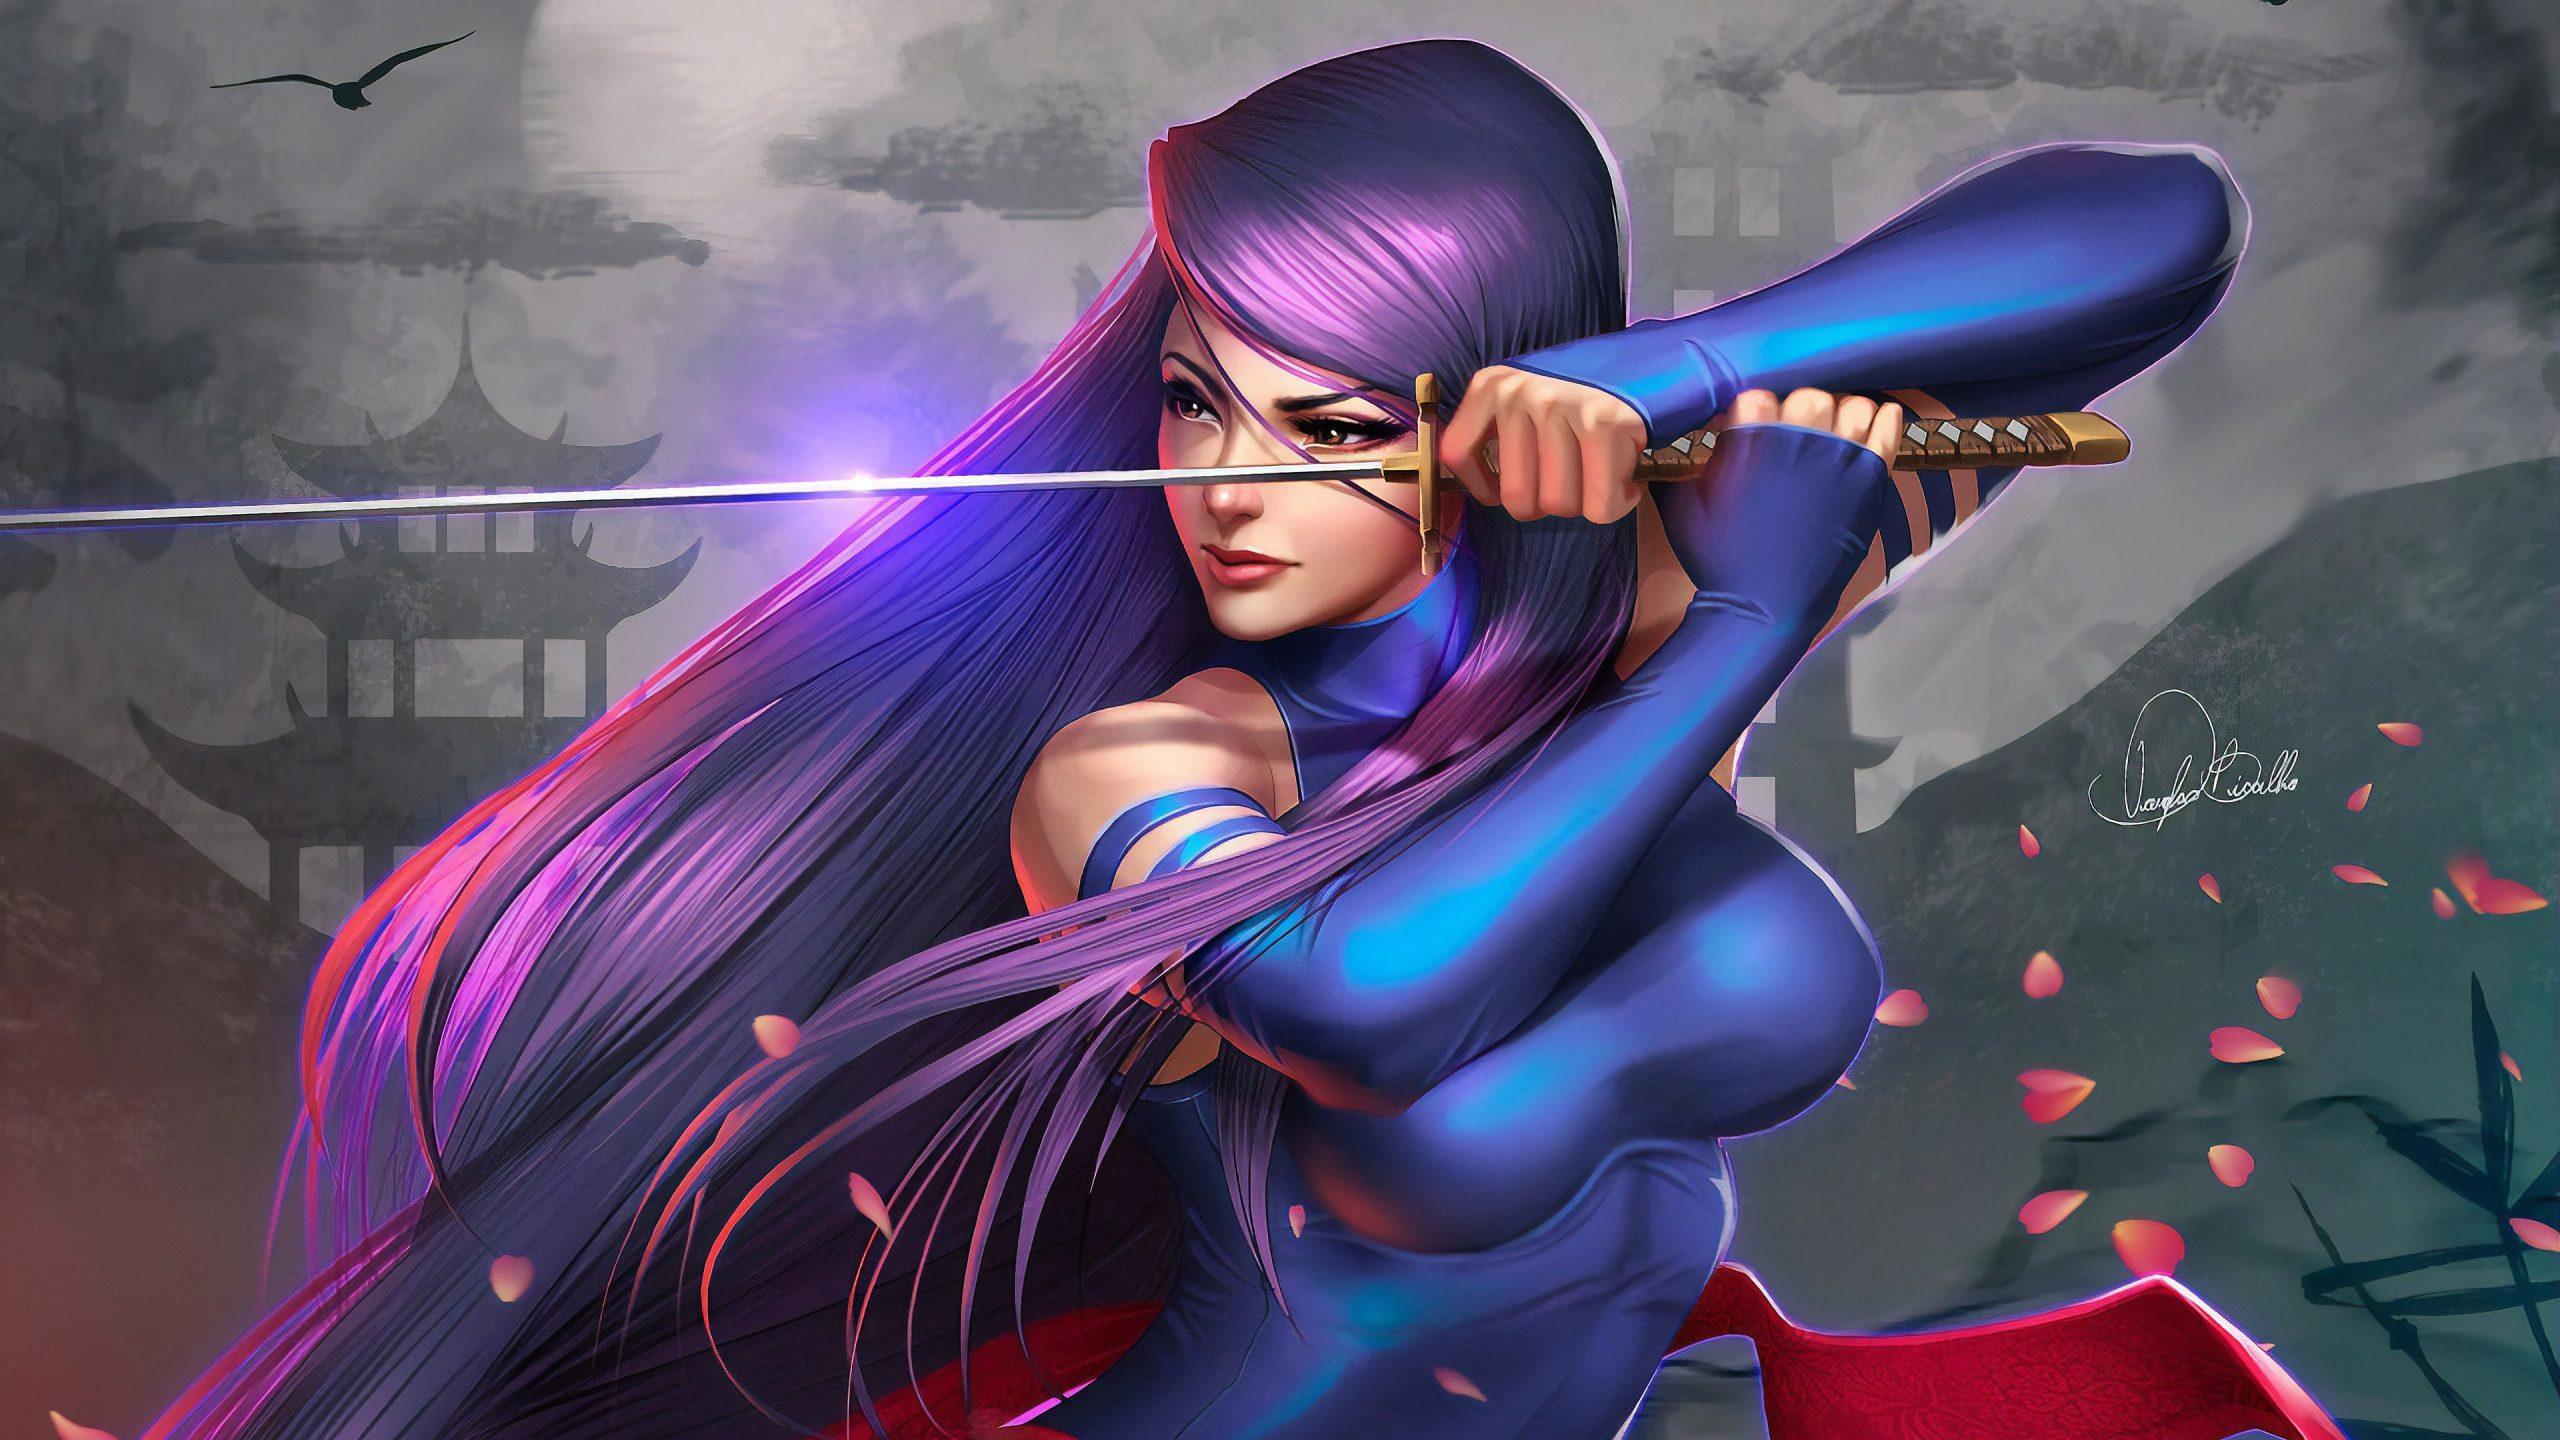 Samurai Girl Art 4K Wallpaper